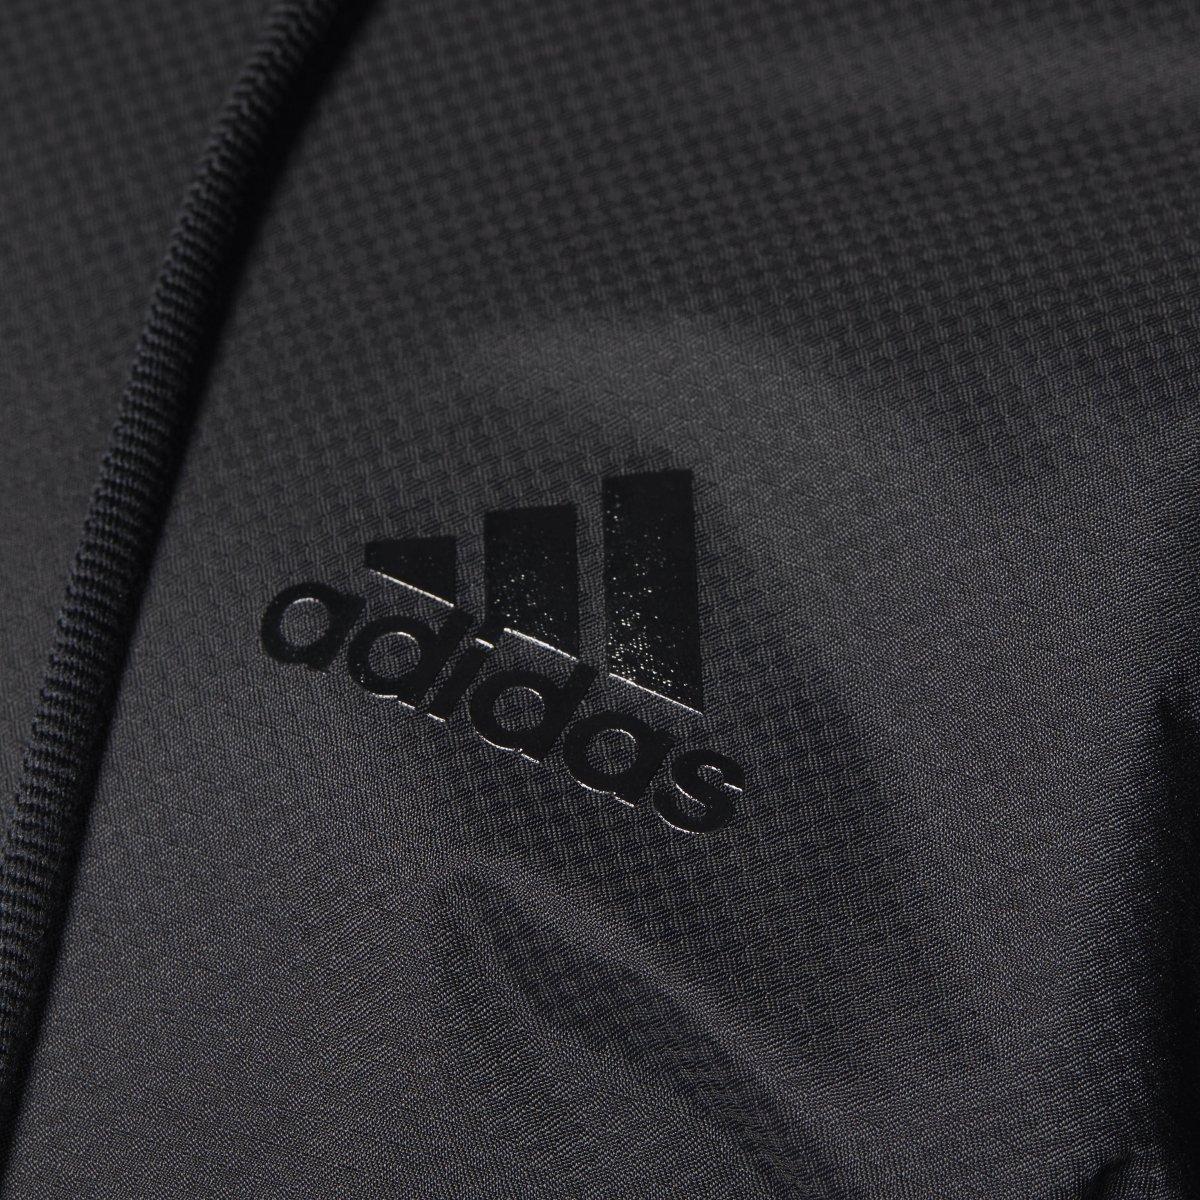 Adidas Essentials (Big & Tall) Wind Jacket 3XLT Black by adidas